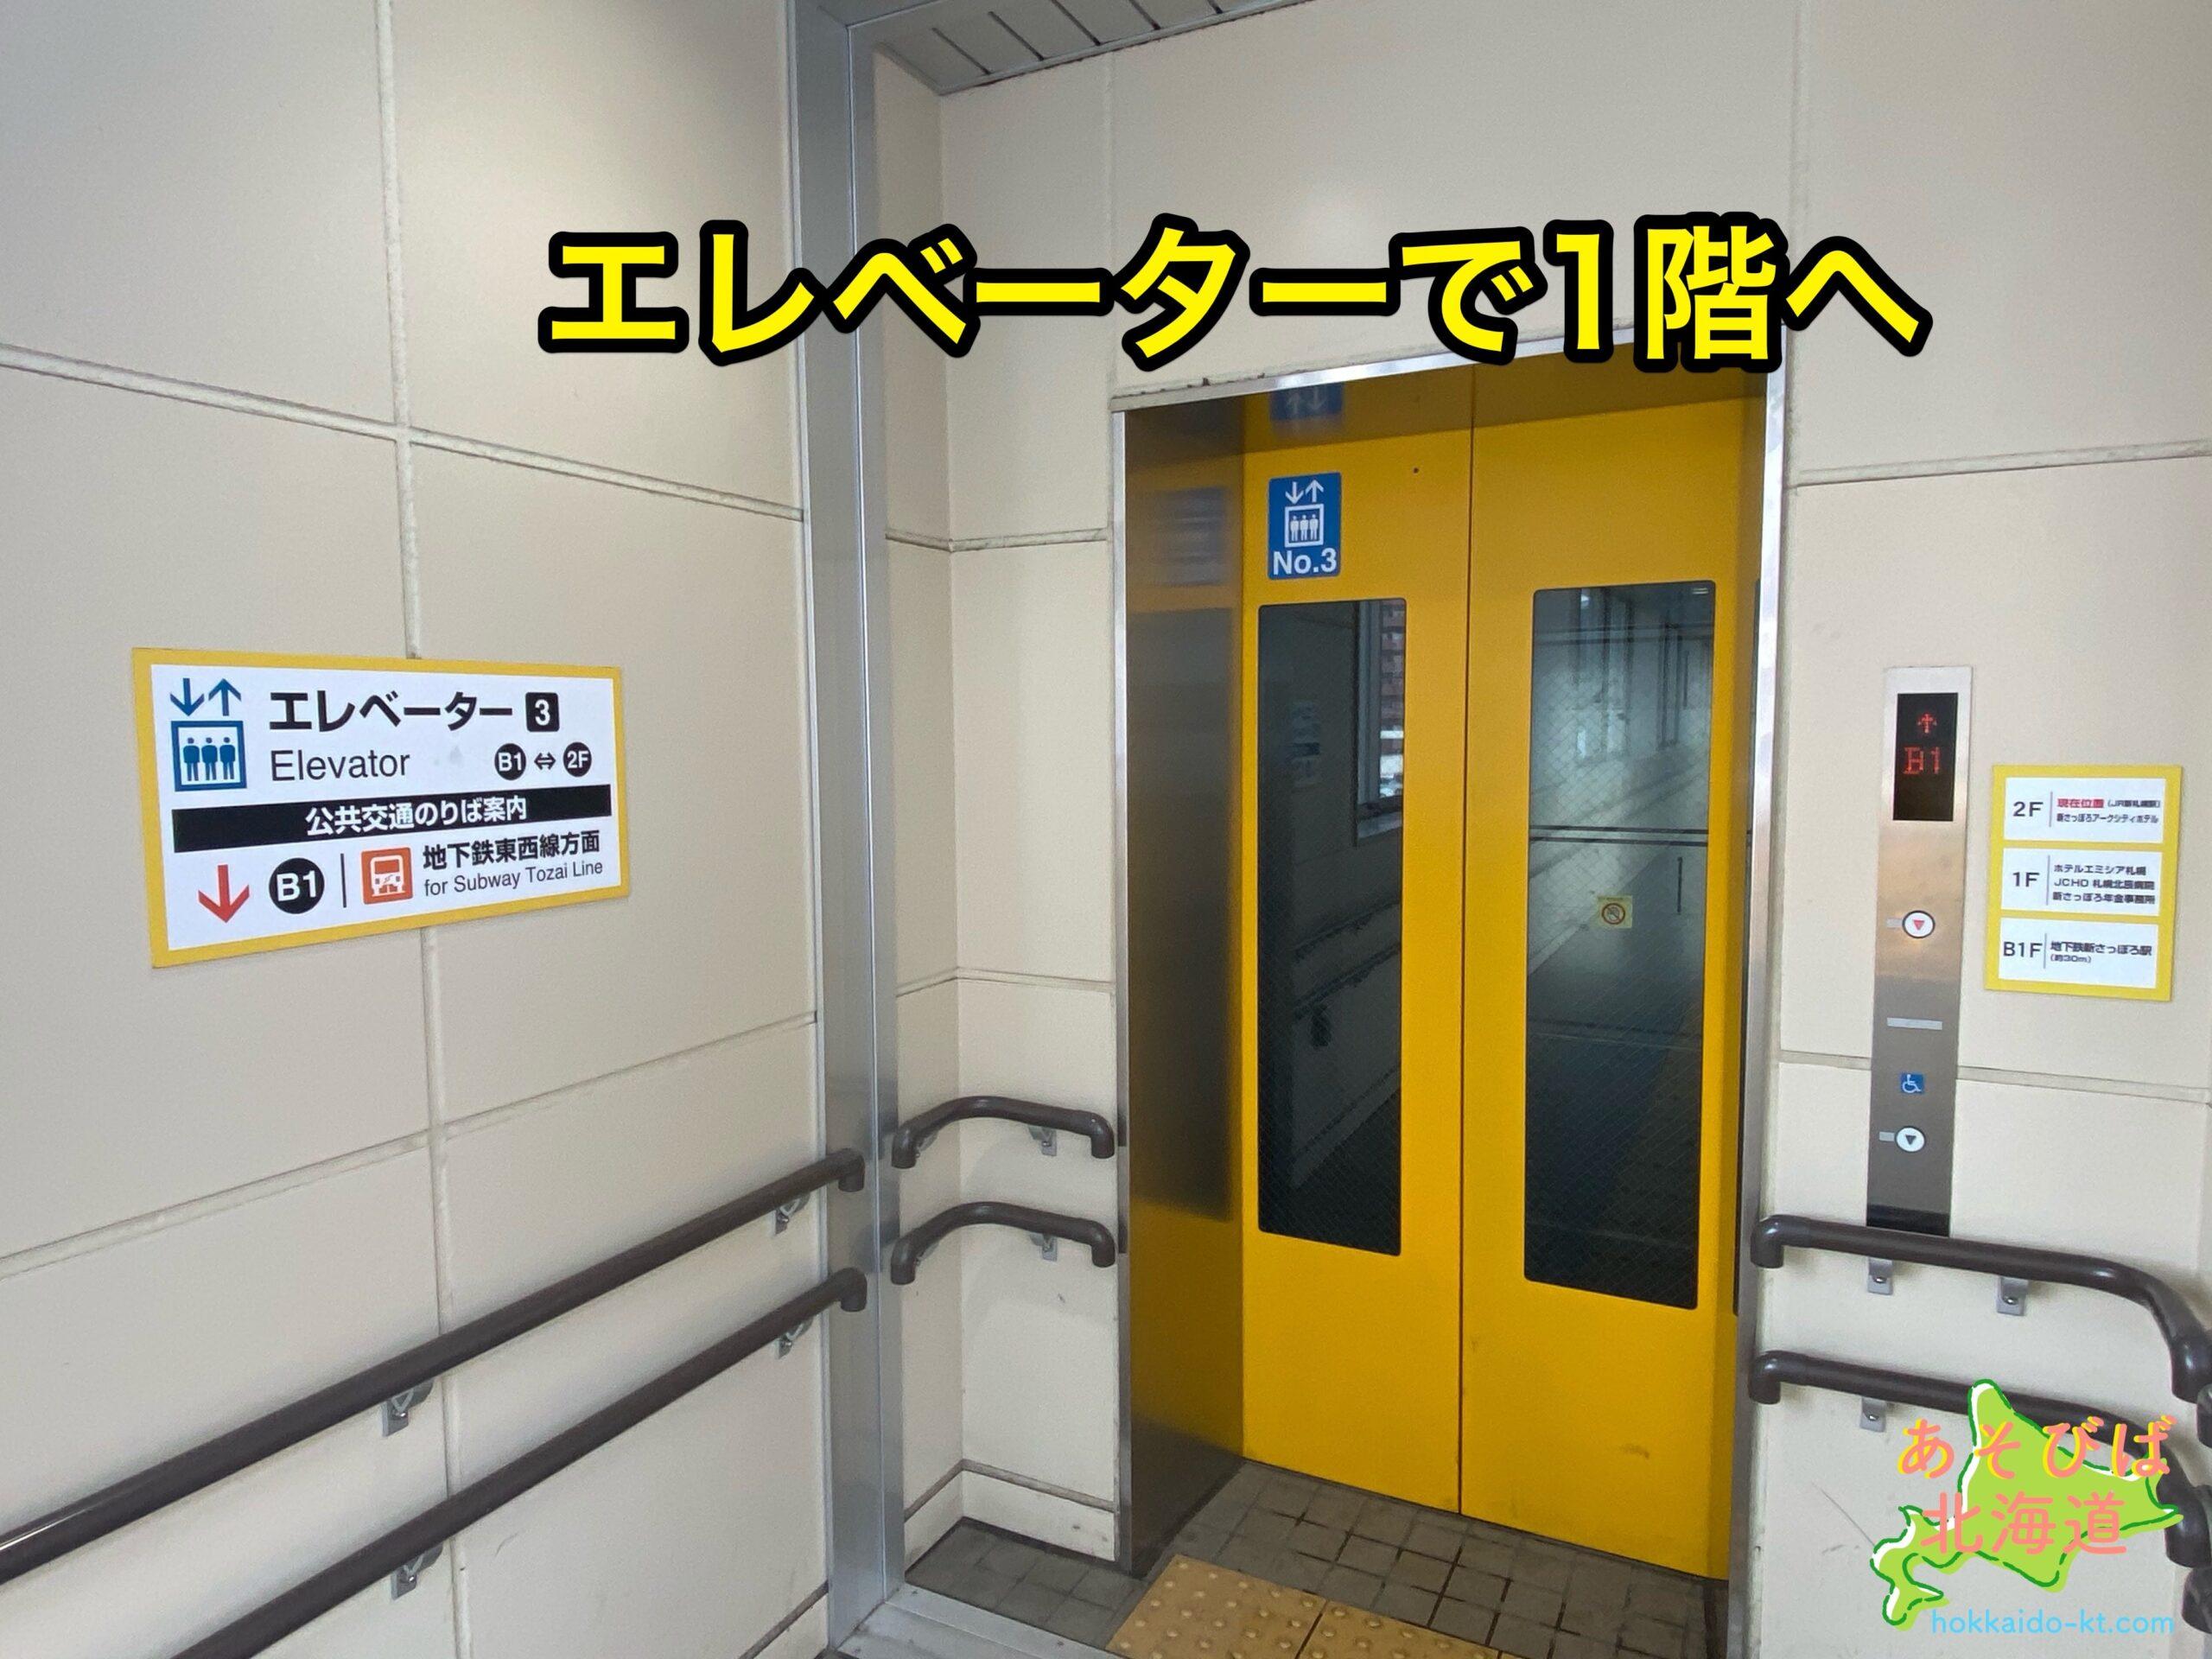 JR新札幌駅からミュゼ新札幌店へ